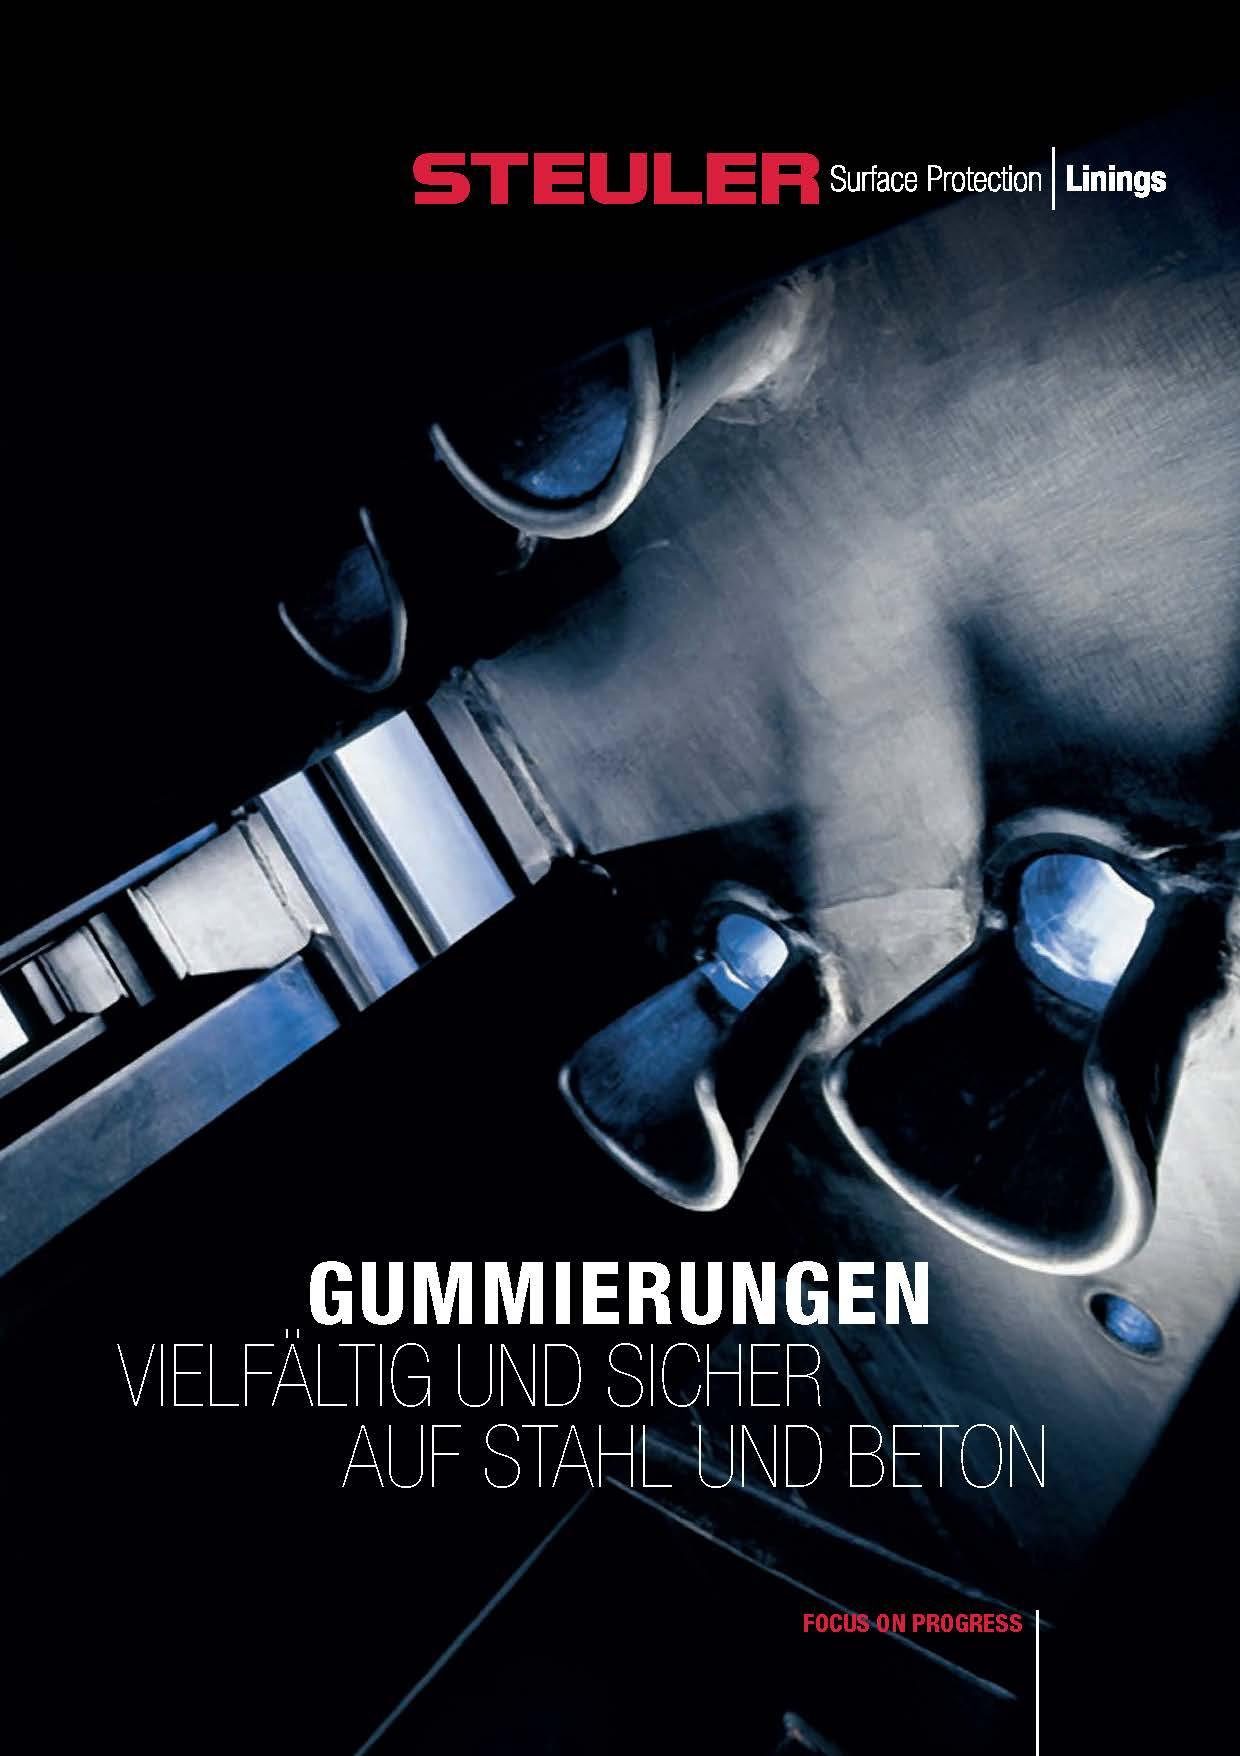 Titelseite des neuen Gummierungsprospekts Steuler Linings